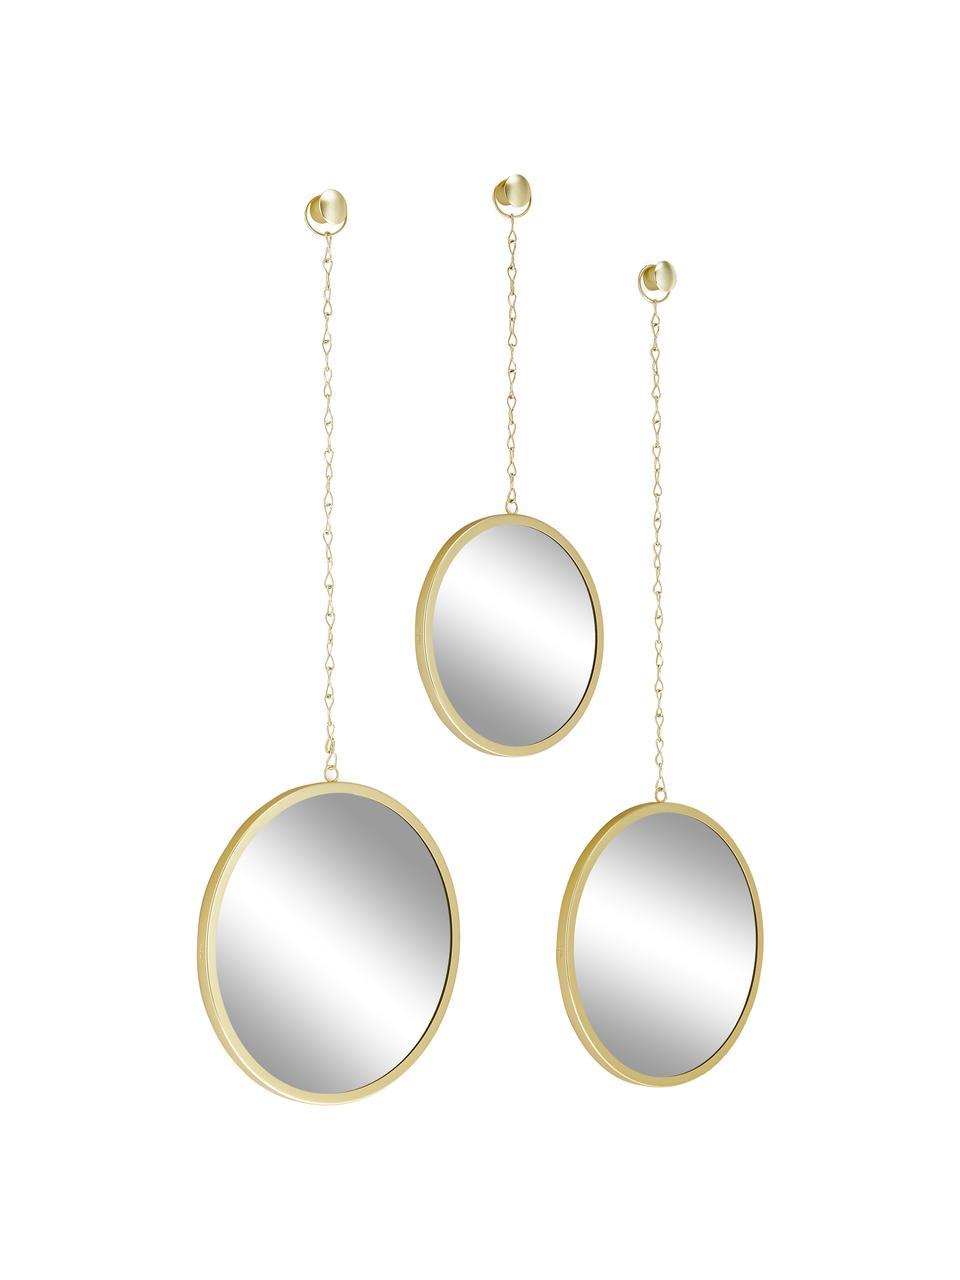 Komplet luster ściennych Dima, 3 elem., Odcienie złotego, Komplet z różnymi rozmiarami